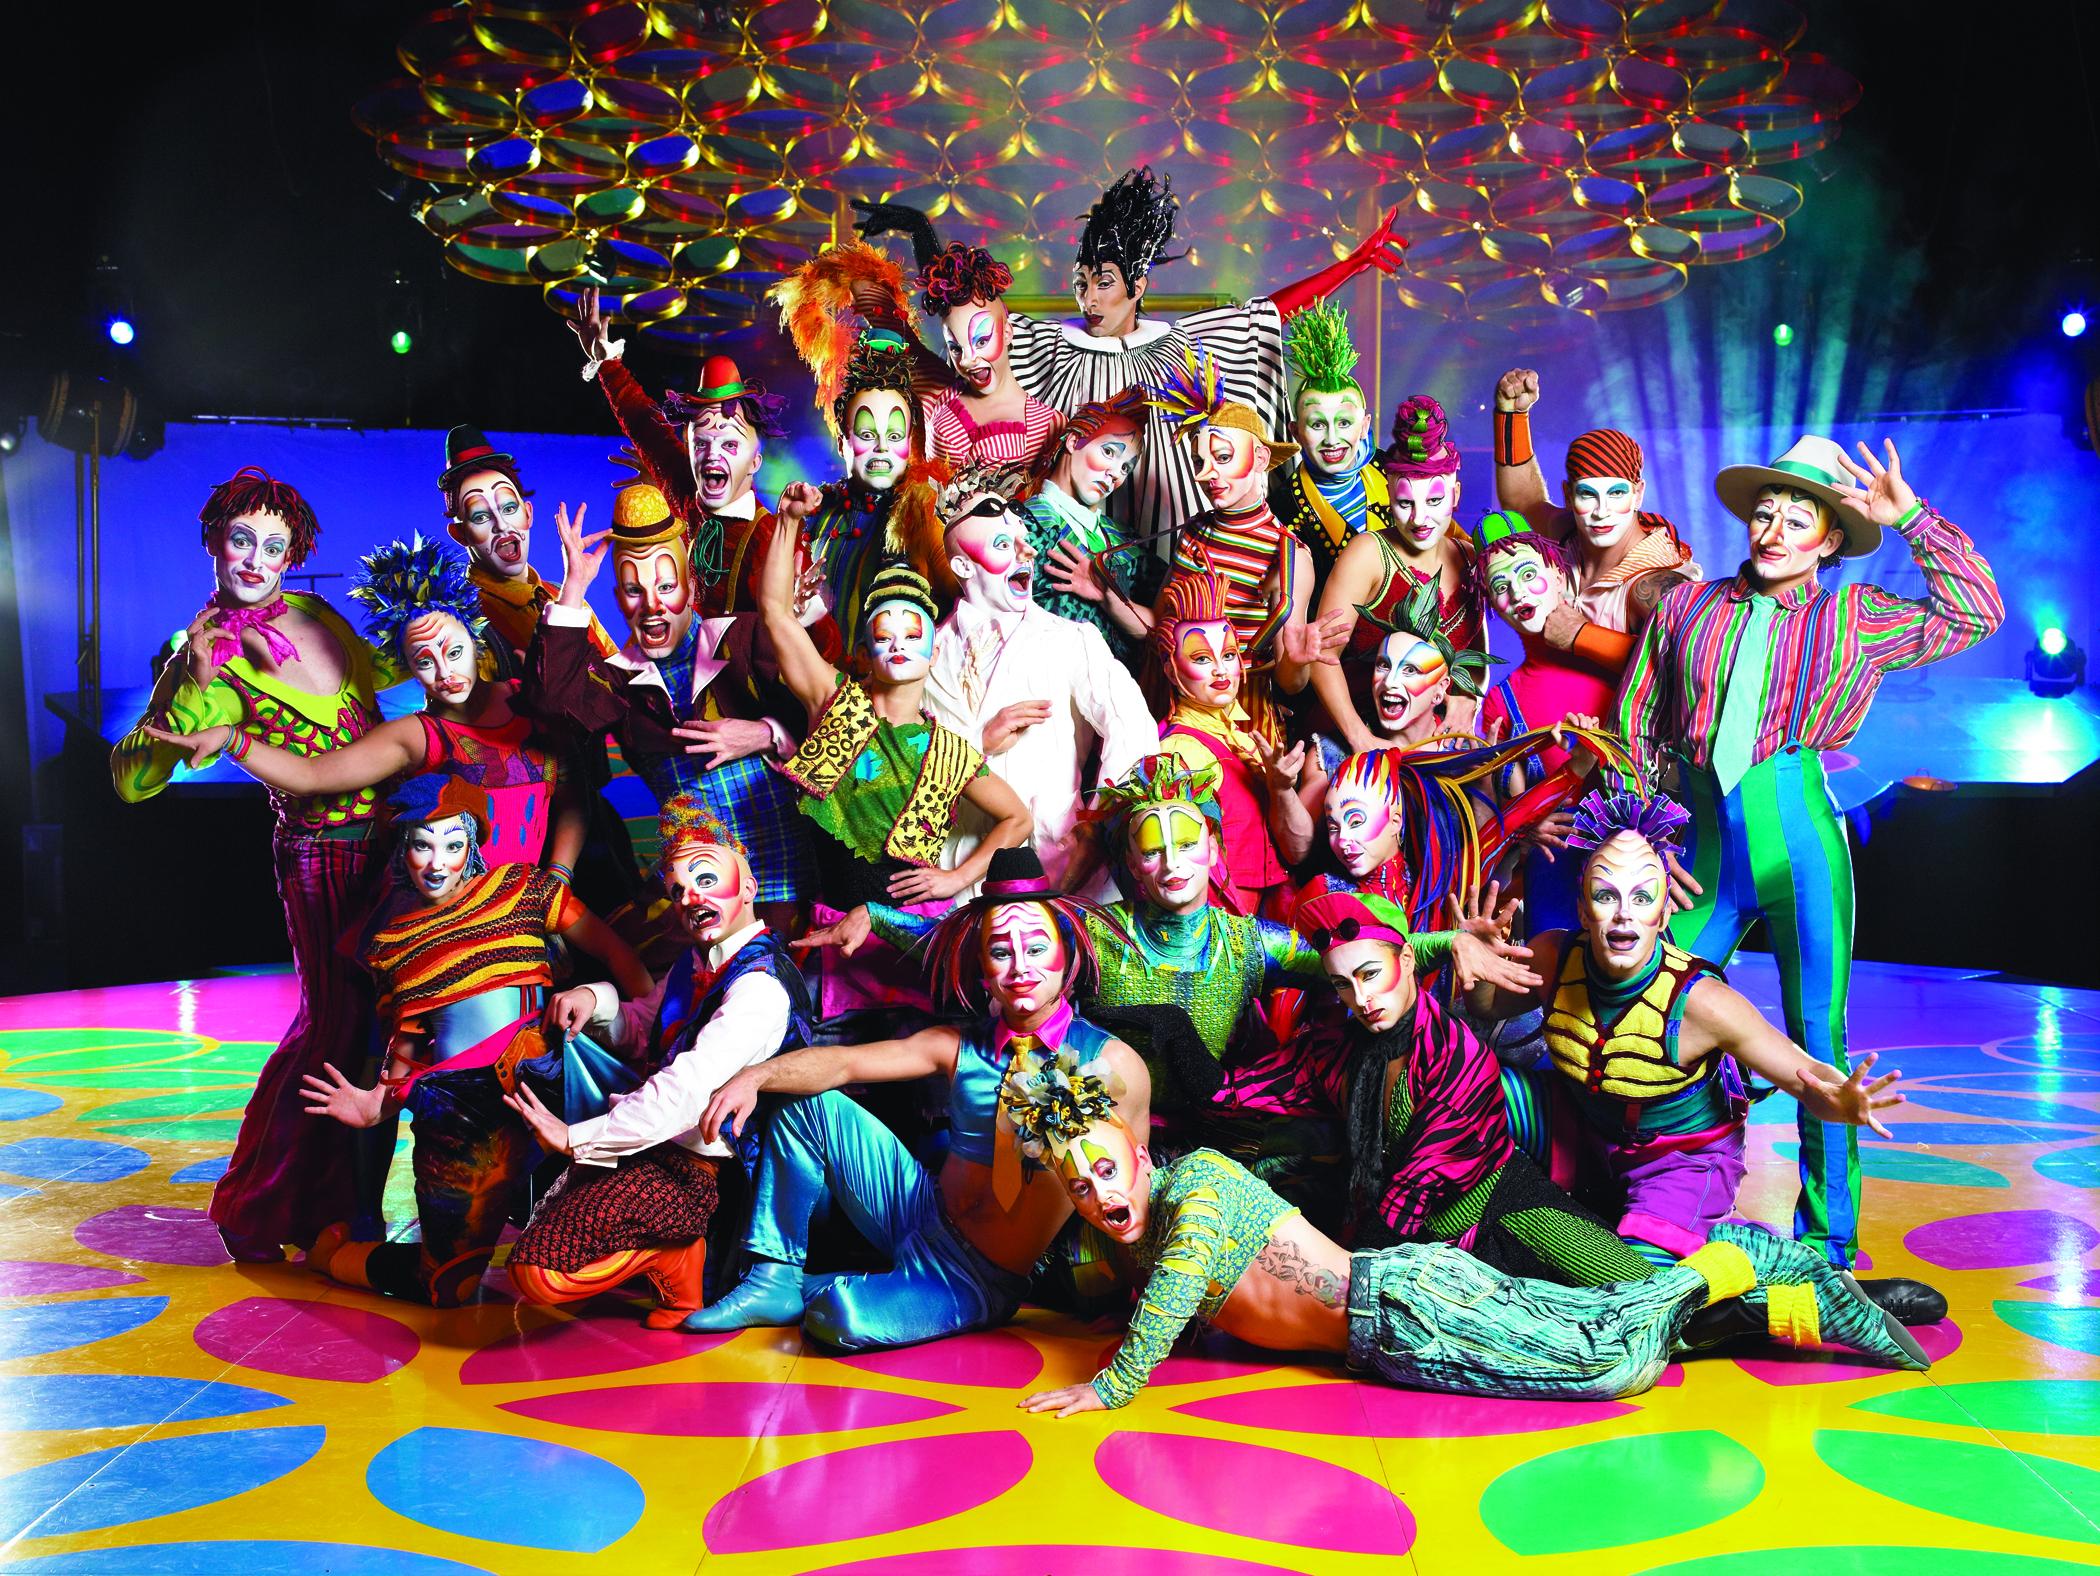 Цирк дю солей 7 фотография